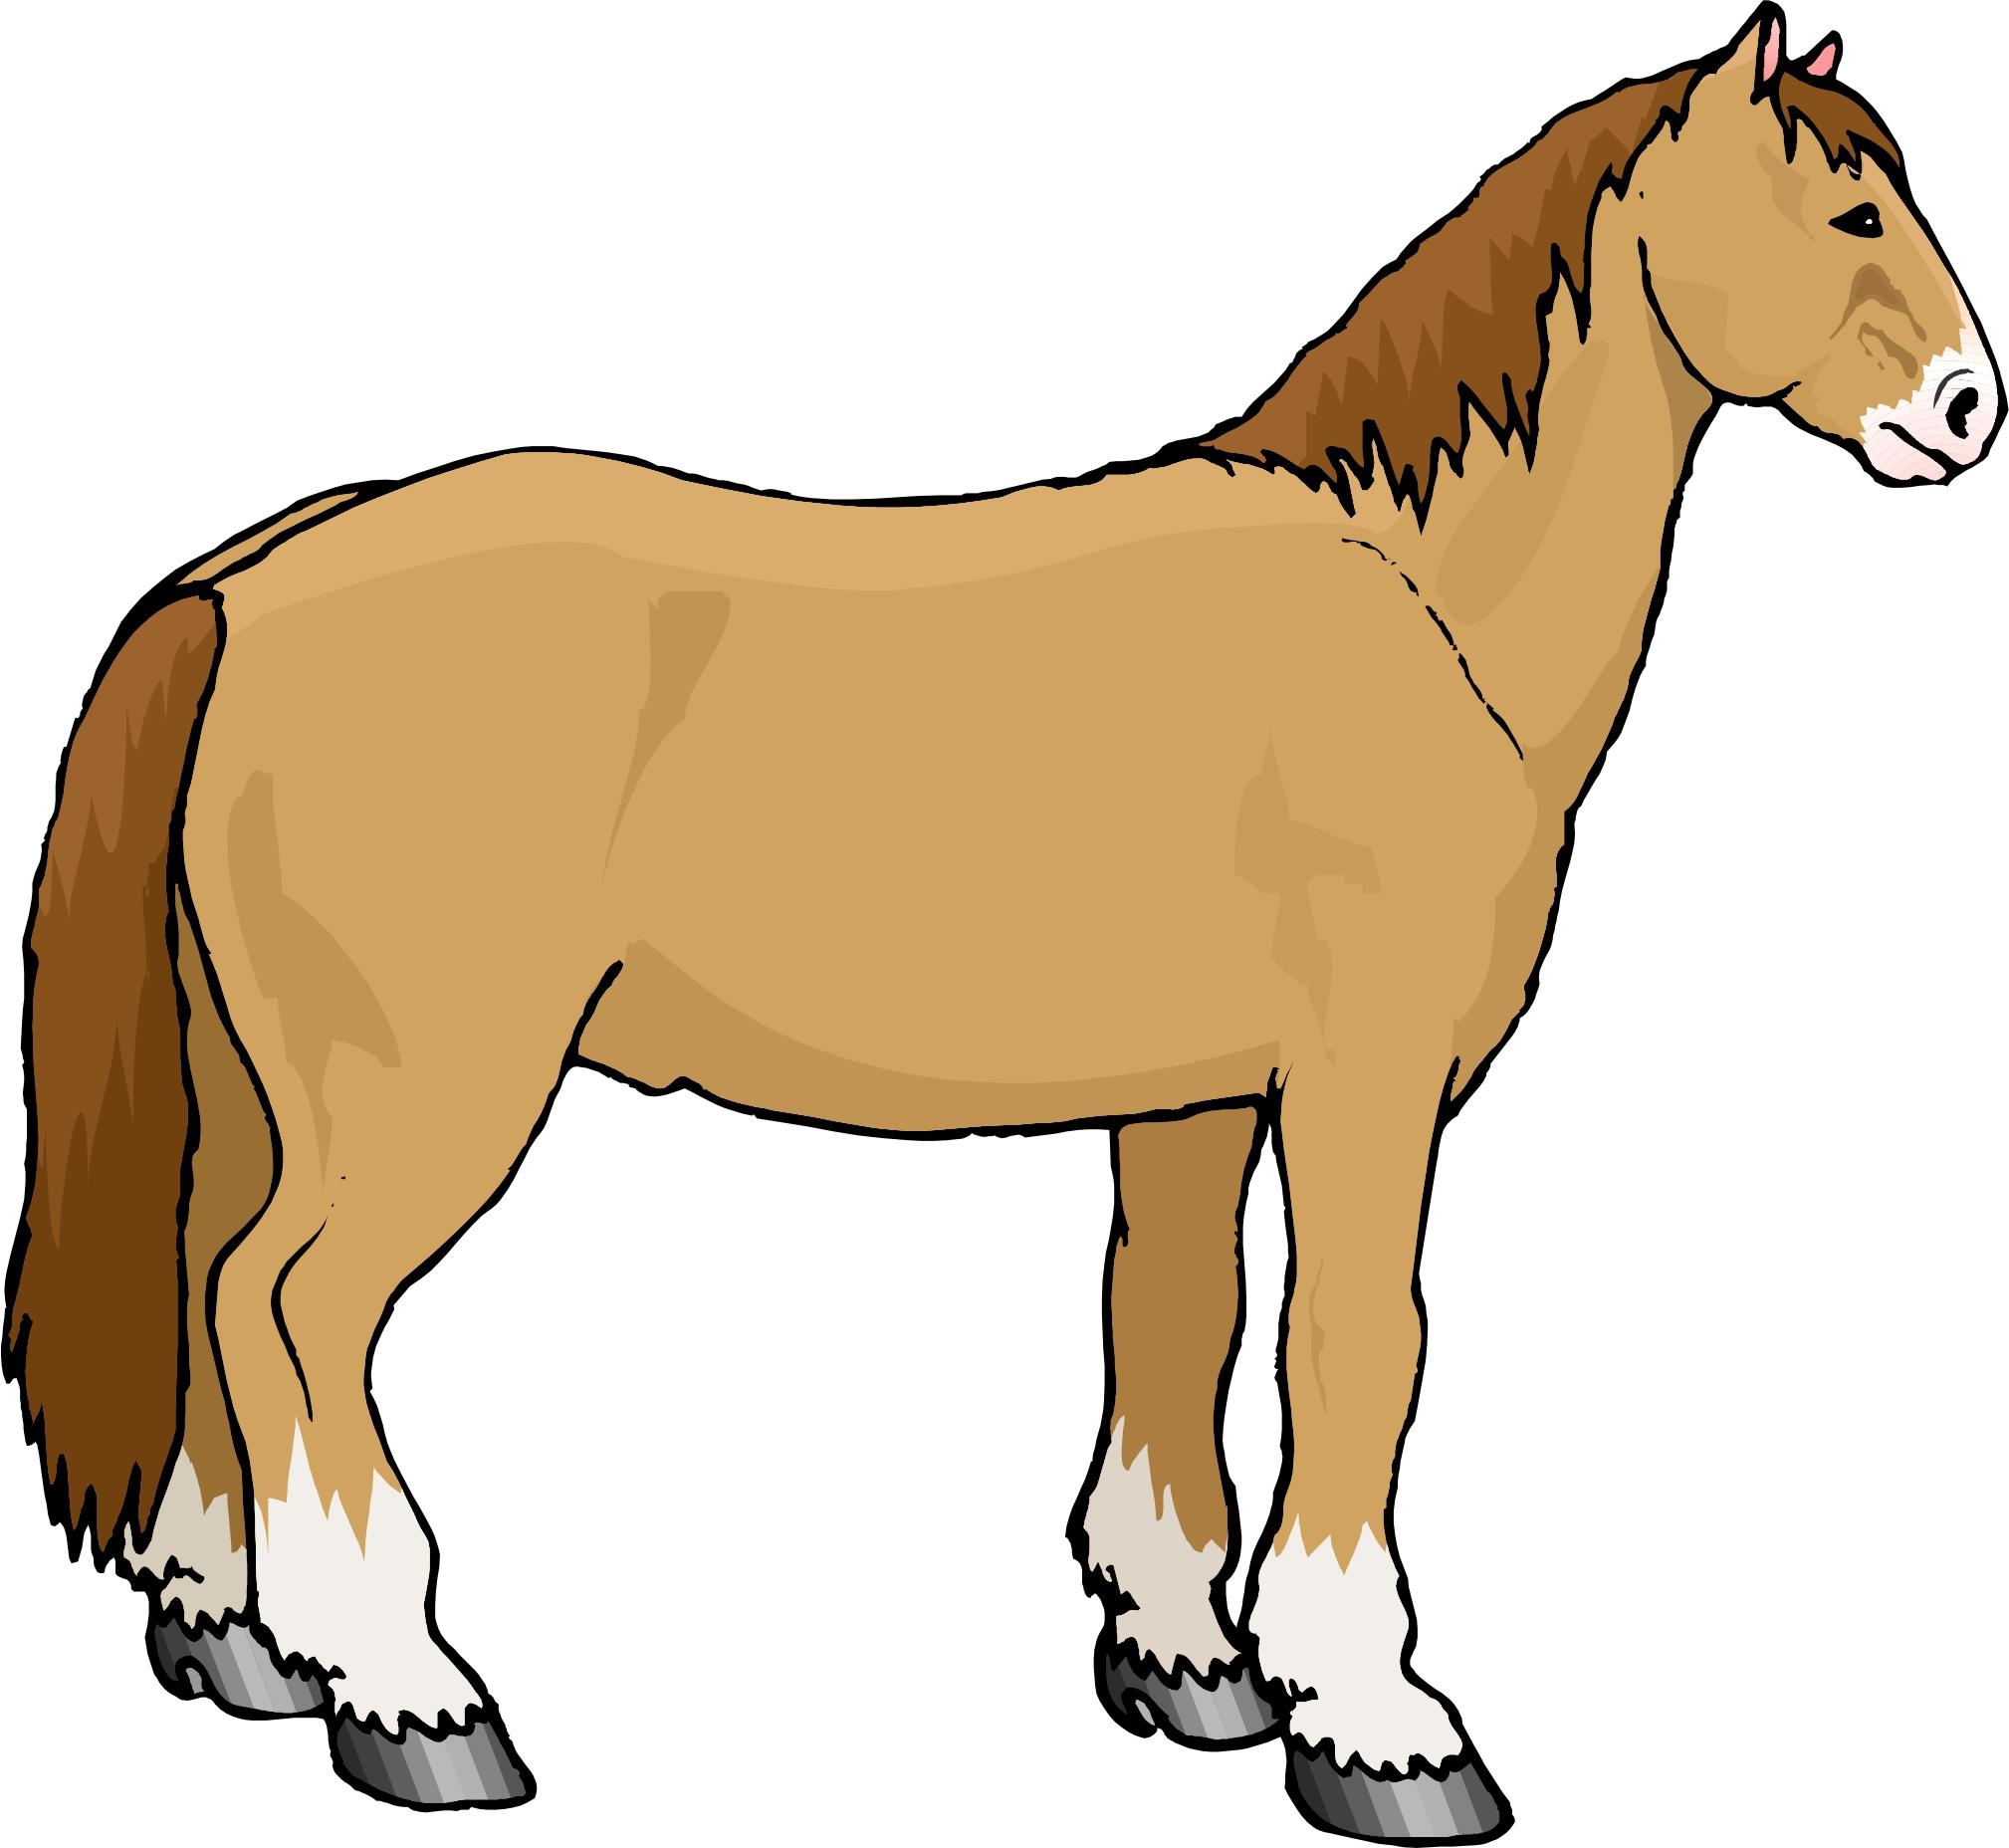 Horse Cartoon Cartoon Horse -...